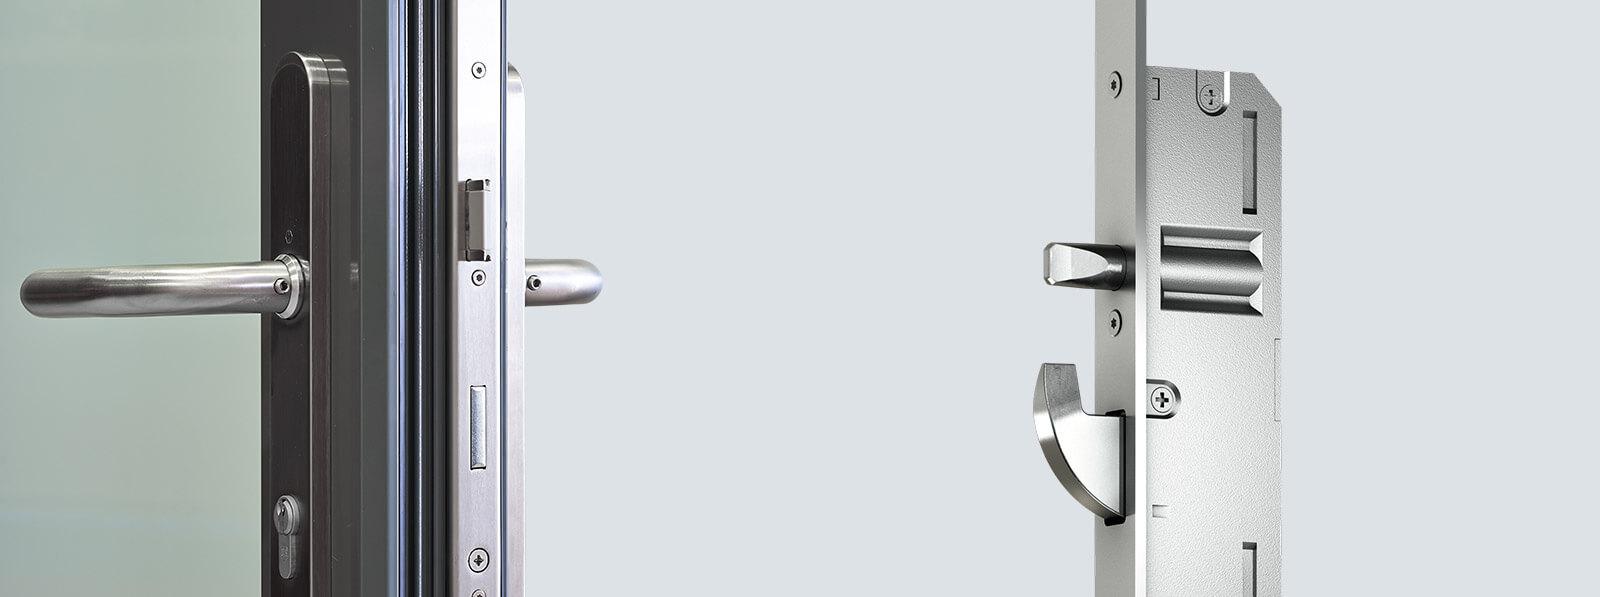 Handle-operated multi-point locks